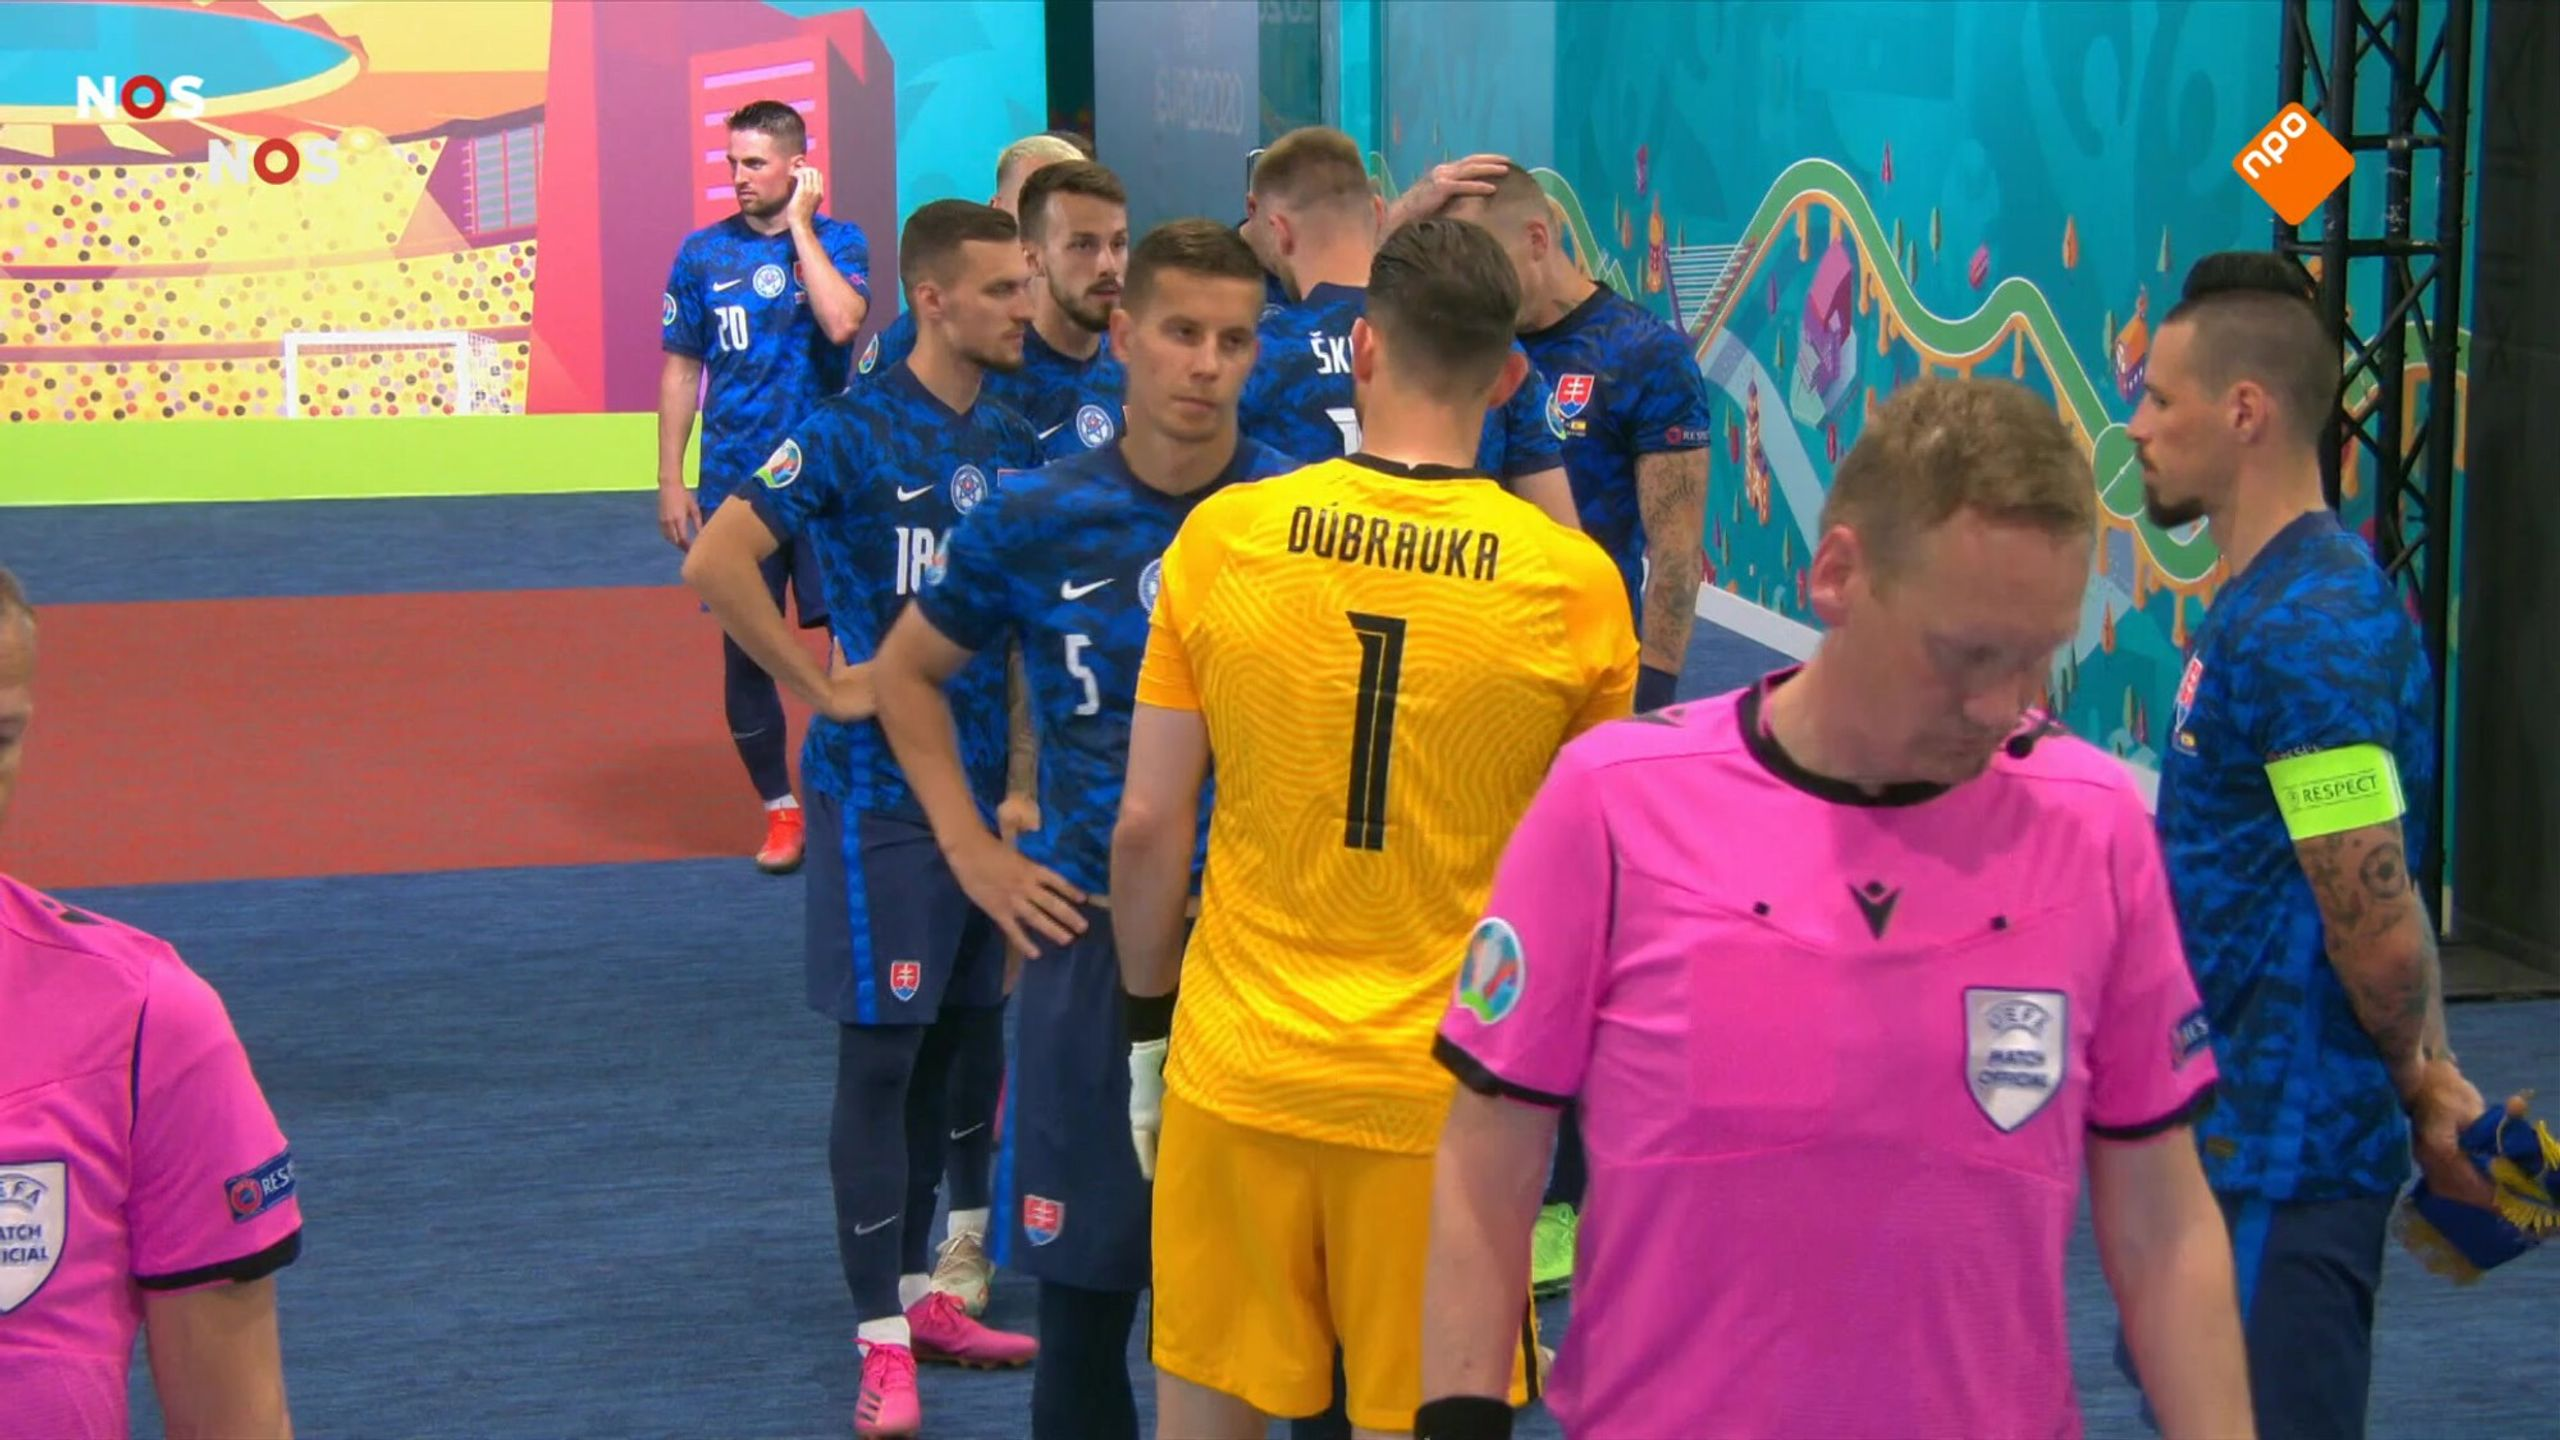 NOS EK Voetbal Slowakije